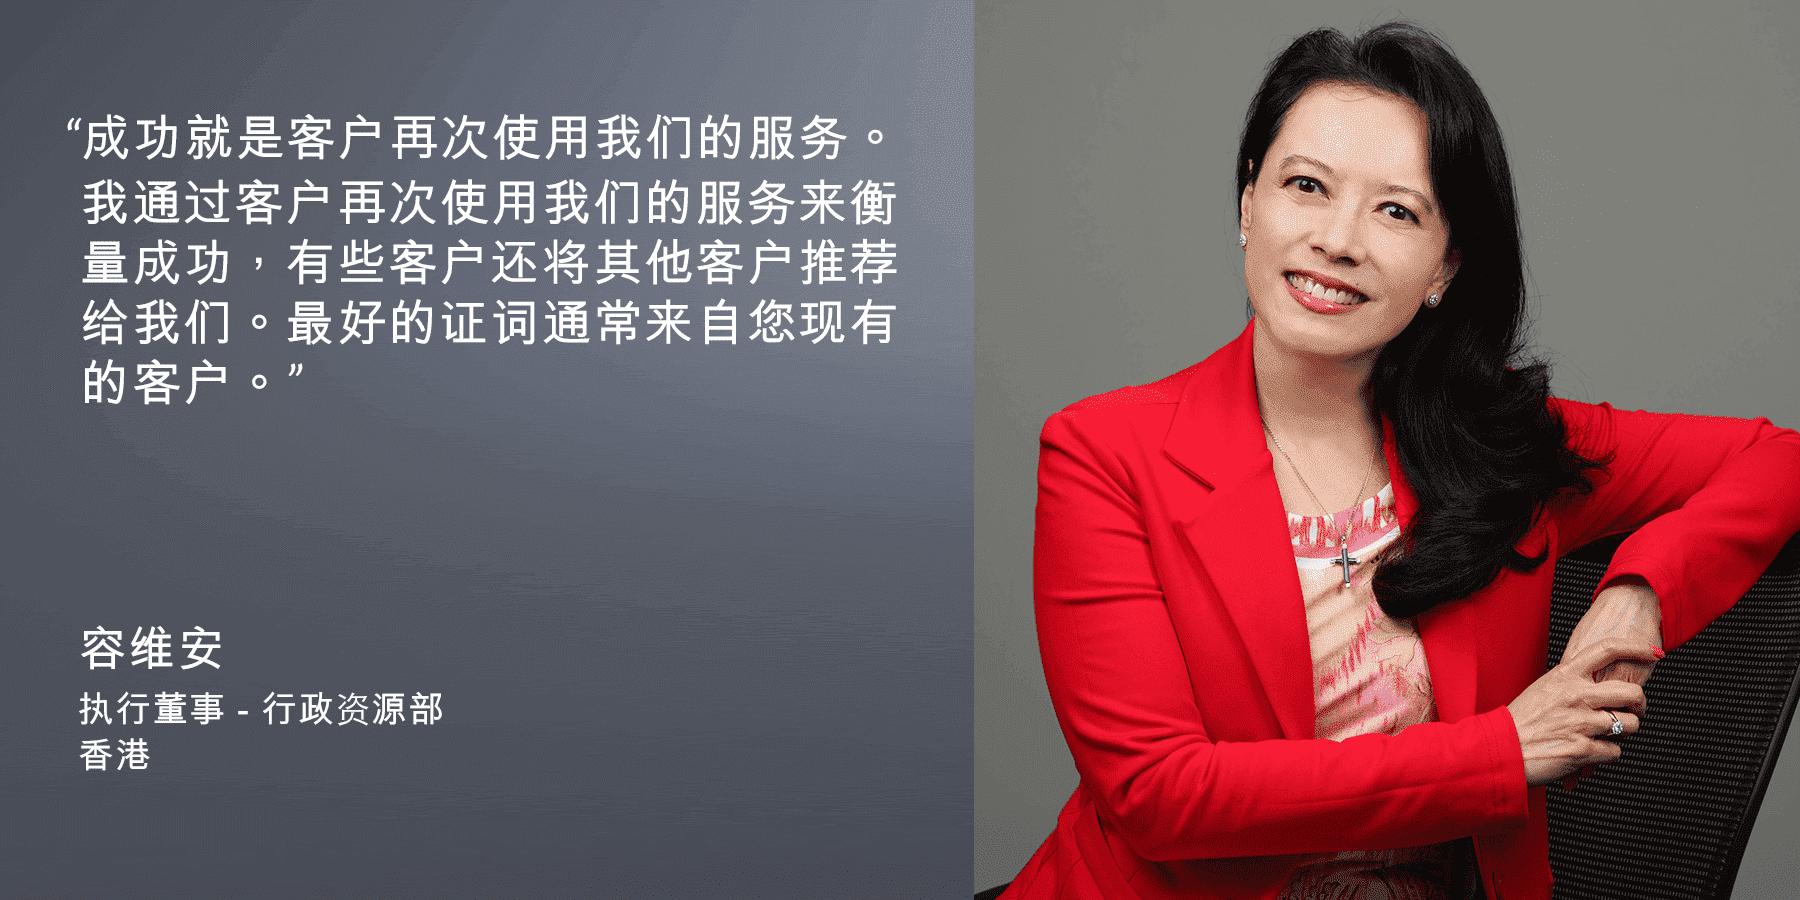 容维安, 执行董事 – 行政资源部